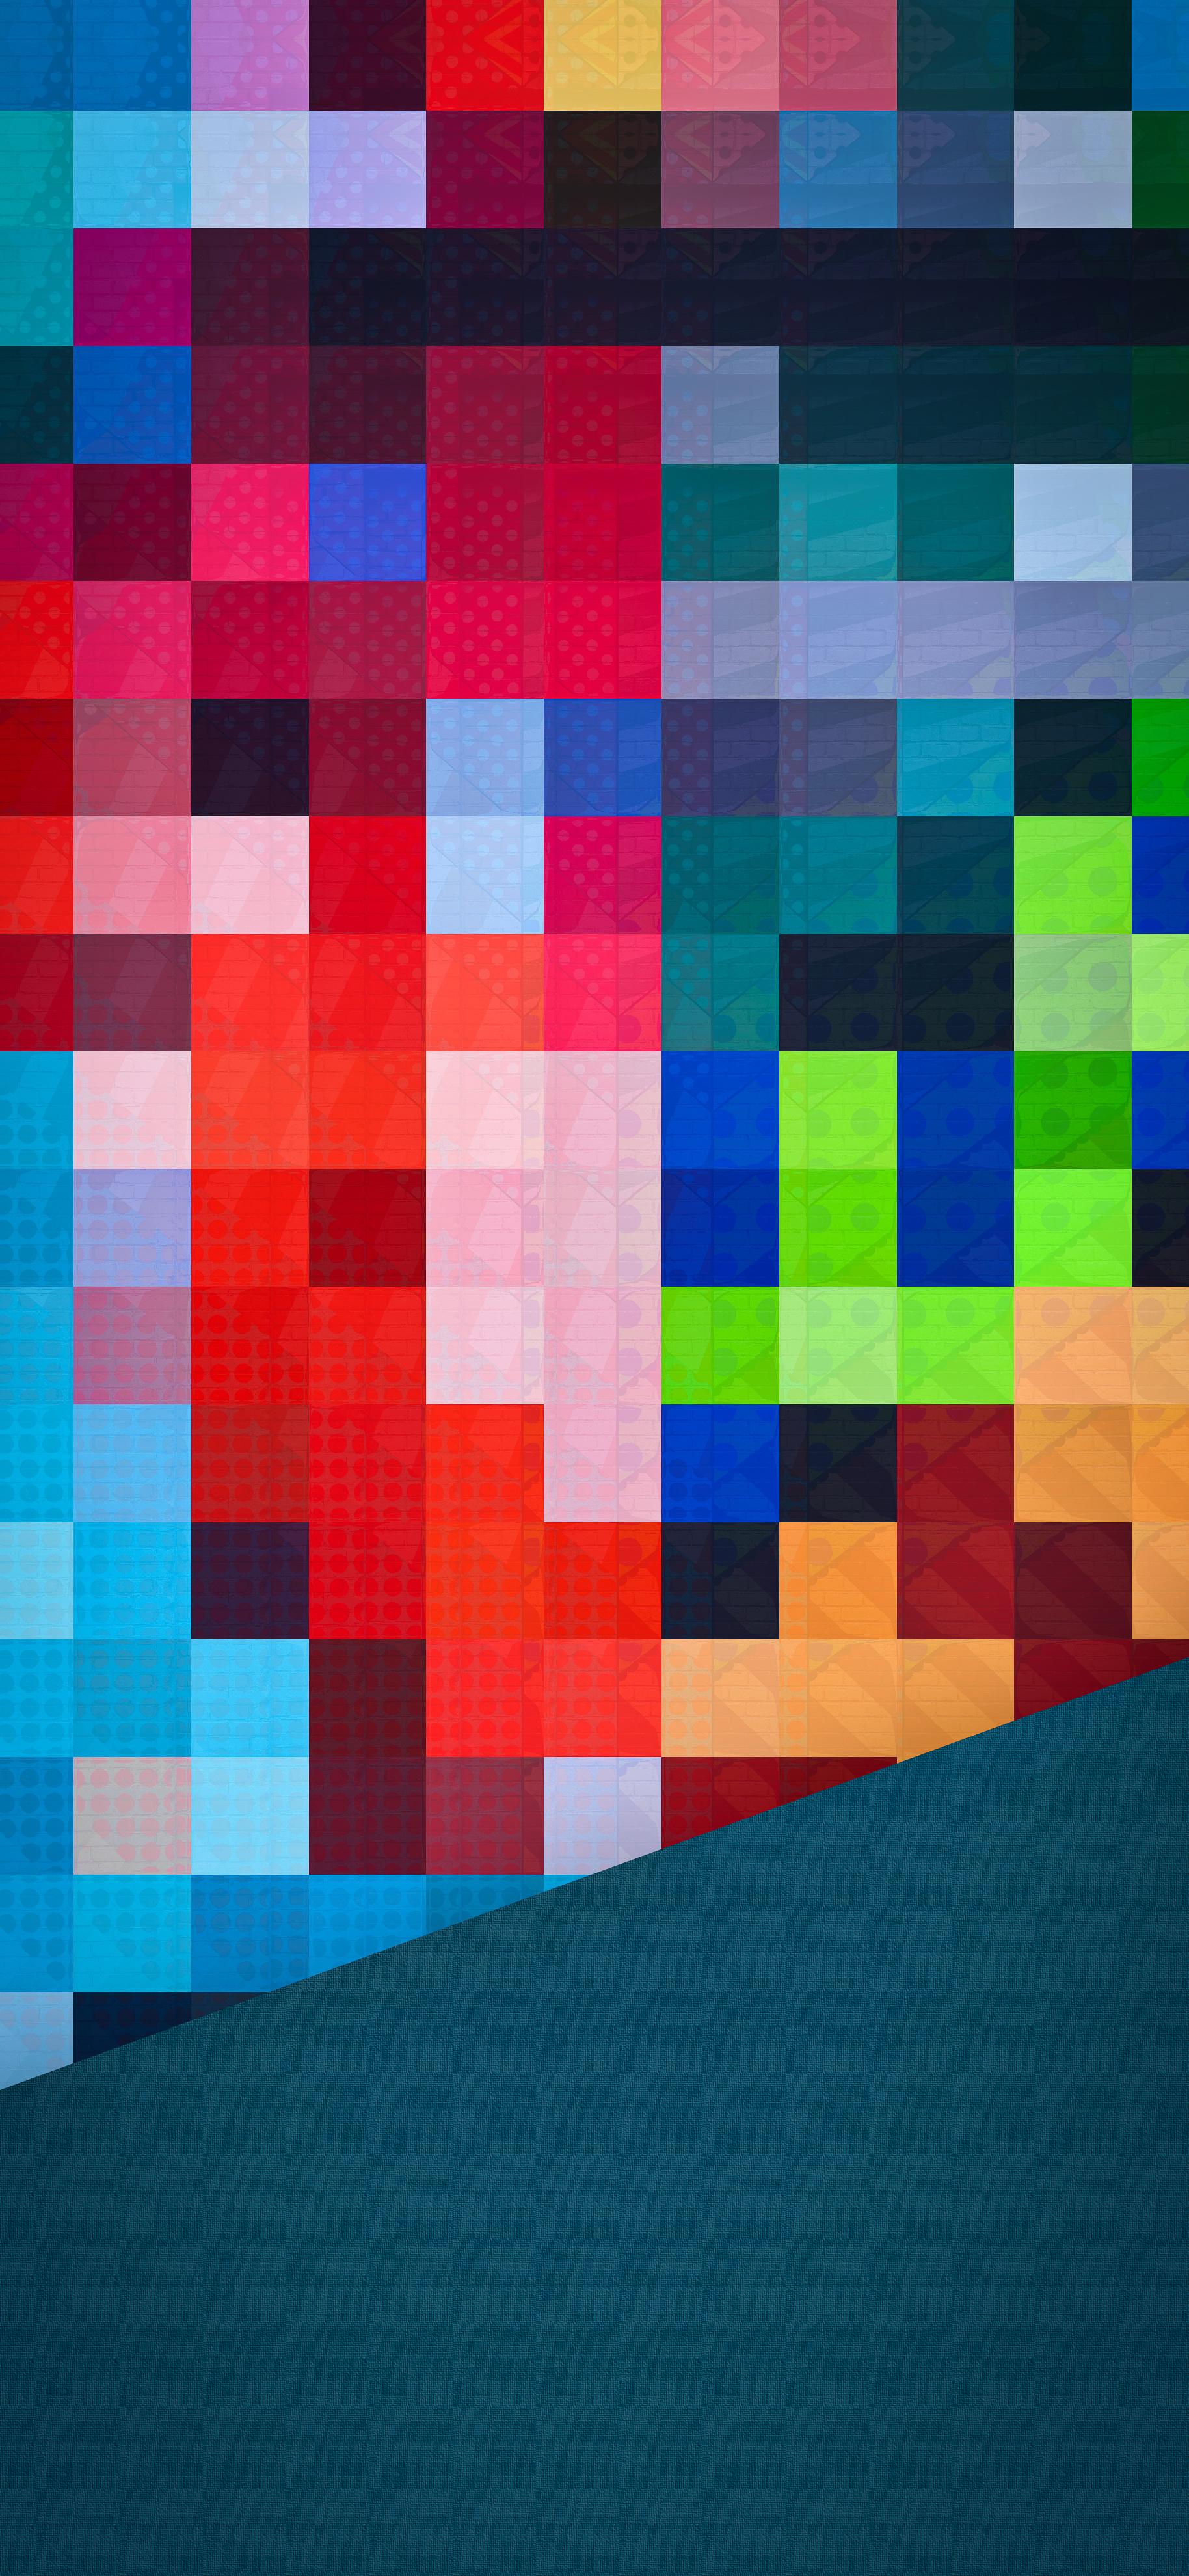 patchwork wallpaper IPHONE X, XR, XS, XS MAX, 1PLUS 6T - V121 - JFL